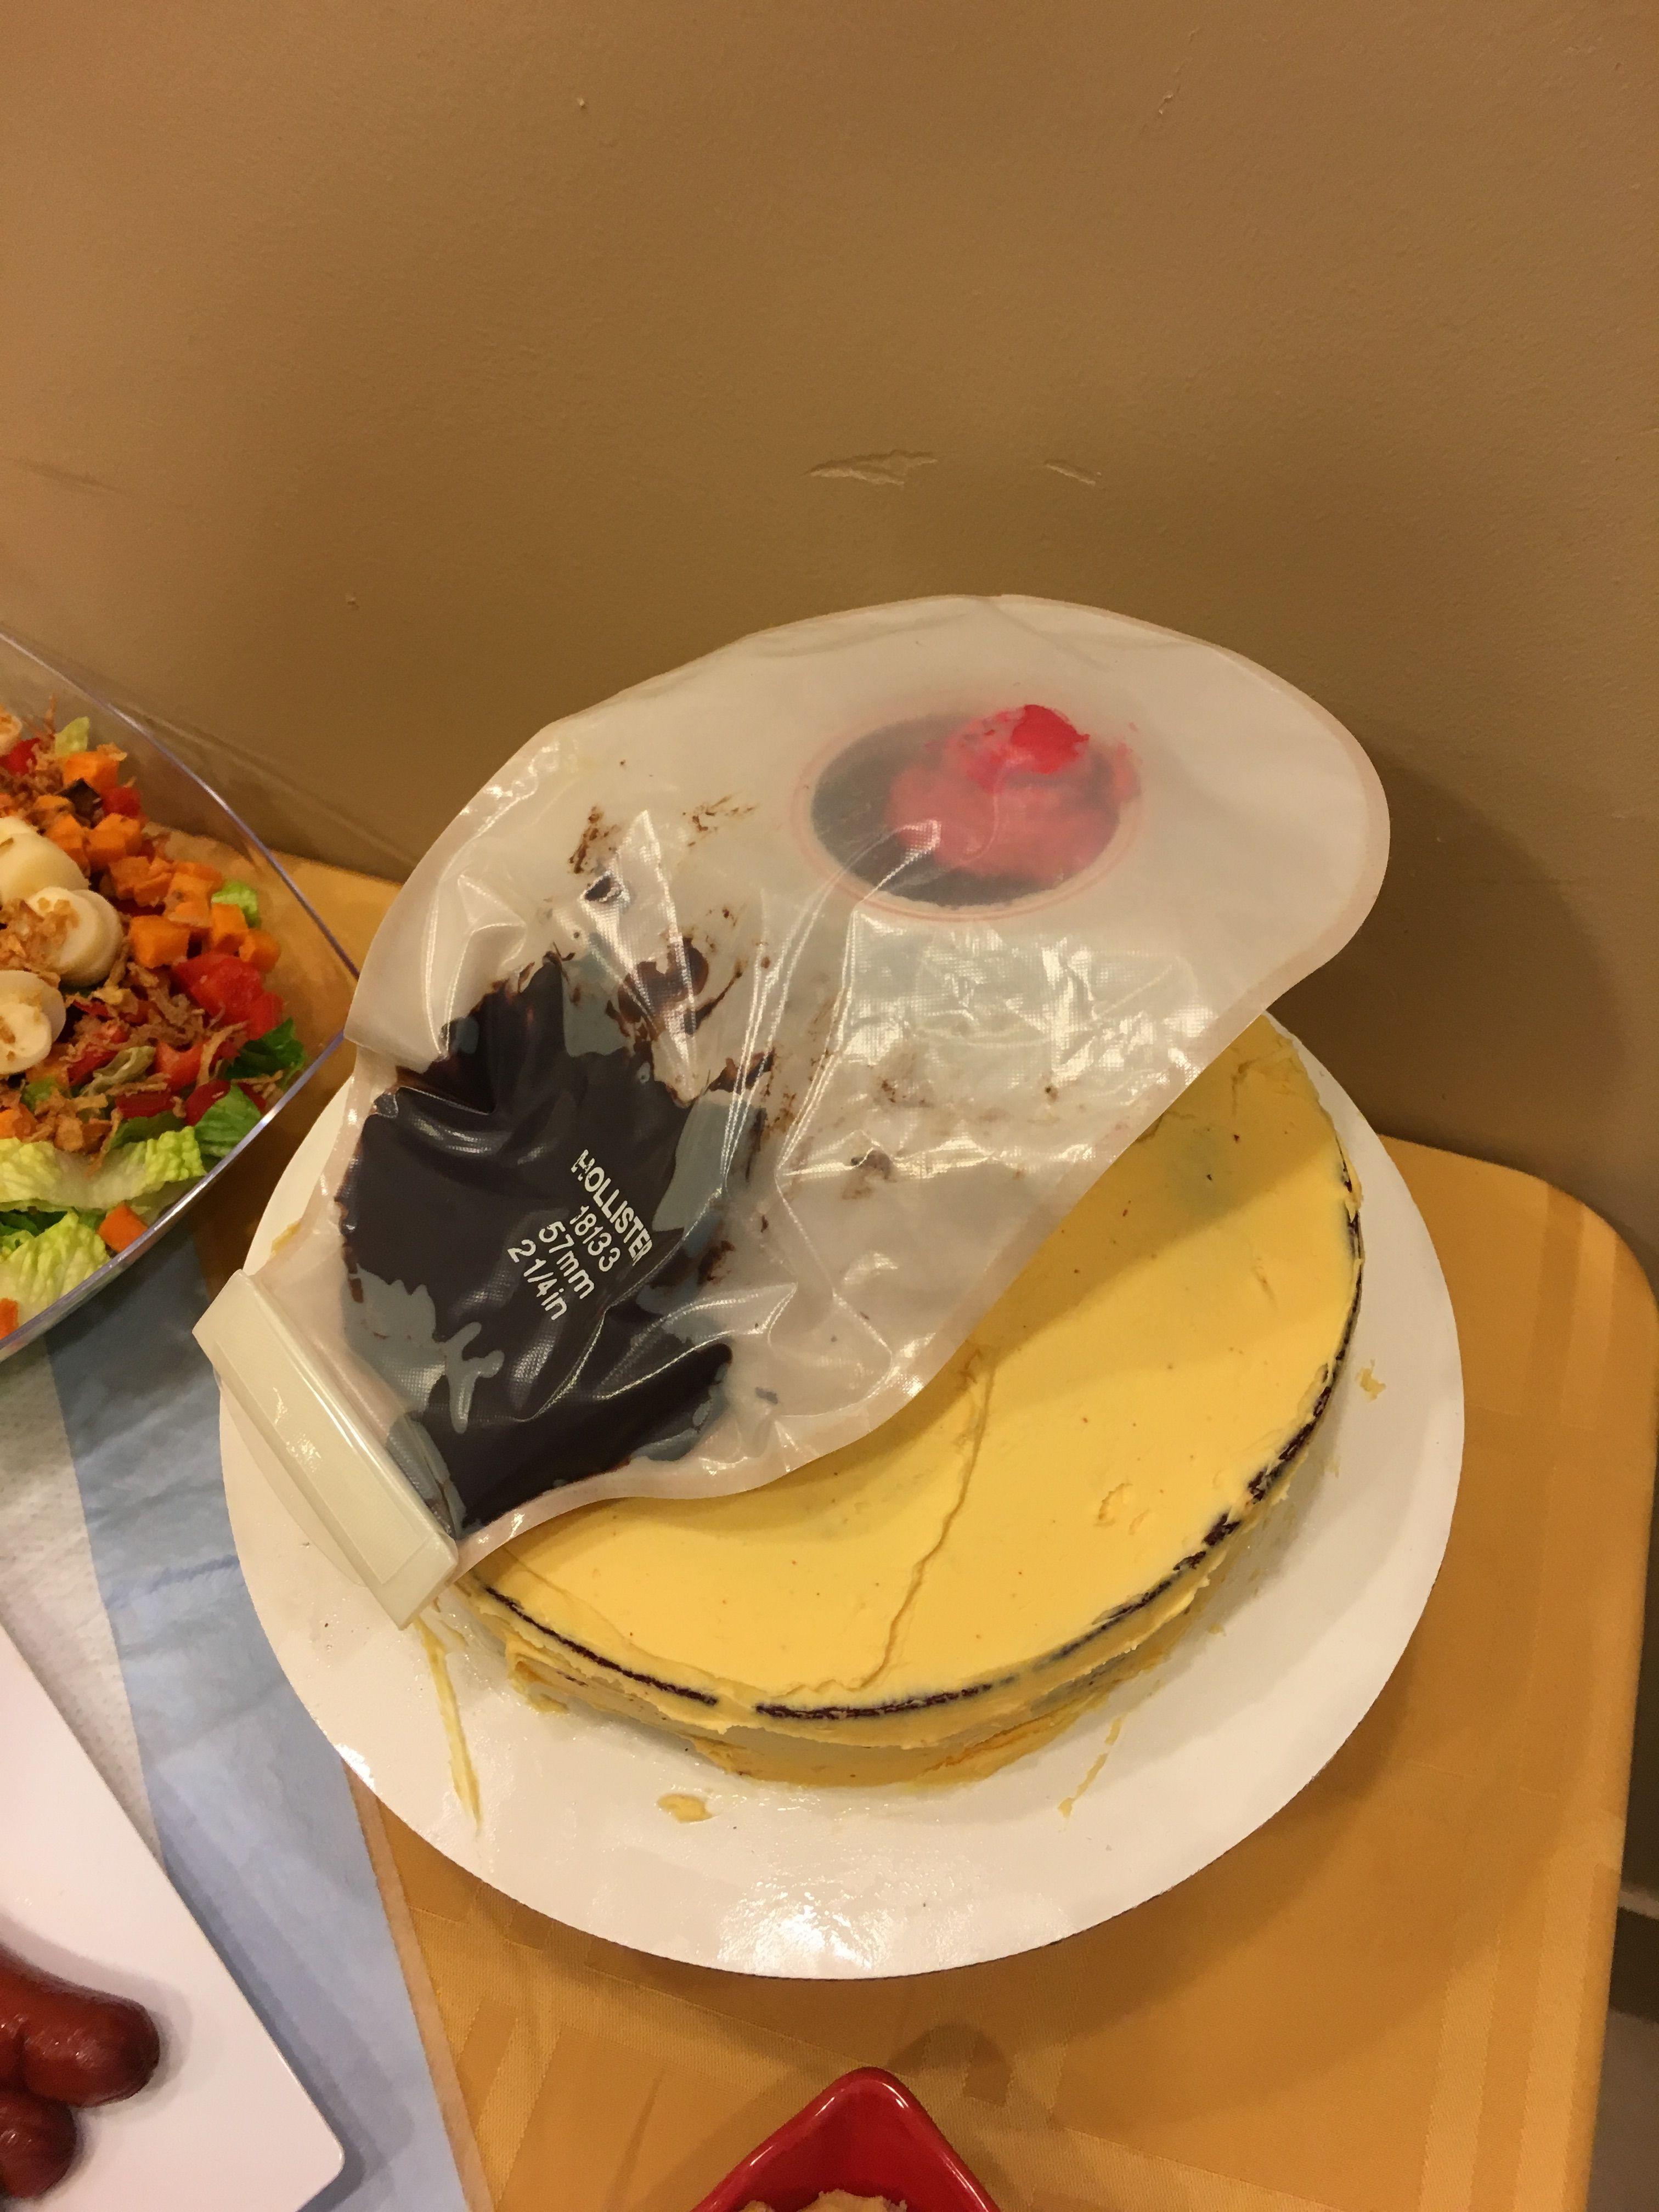 Ileostomy Bag Cake Stoma Party Guout Good Bye Makeit Ingitout Whosafraidtotkabout